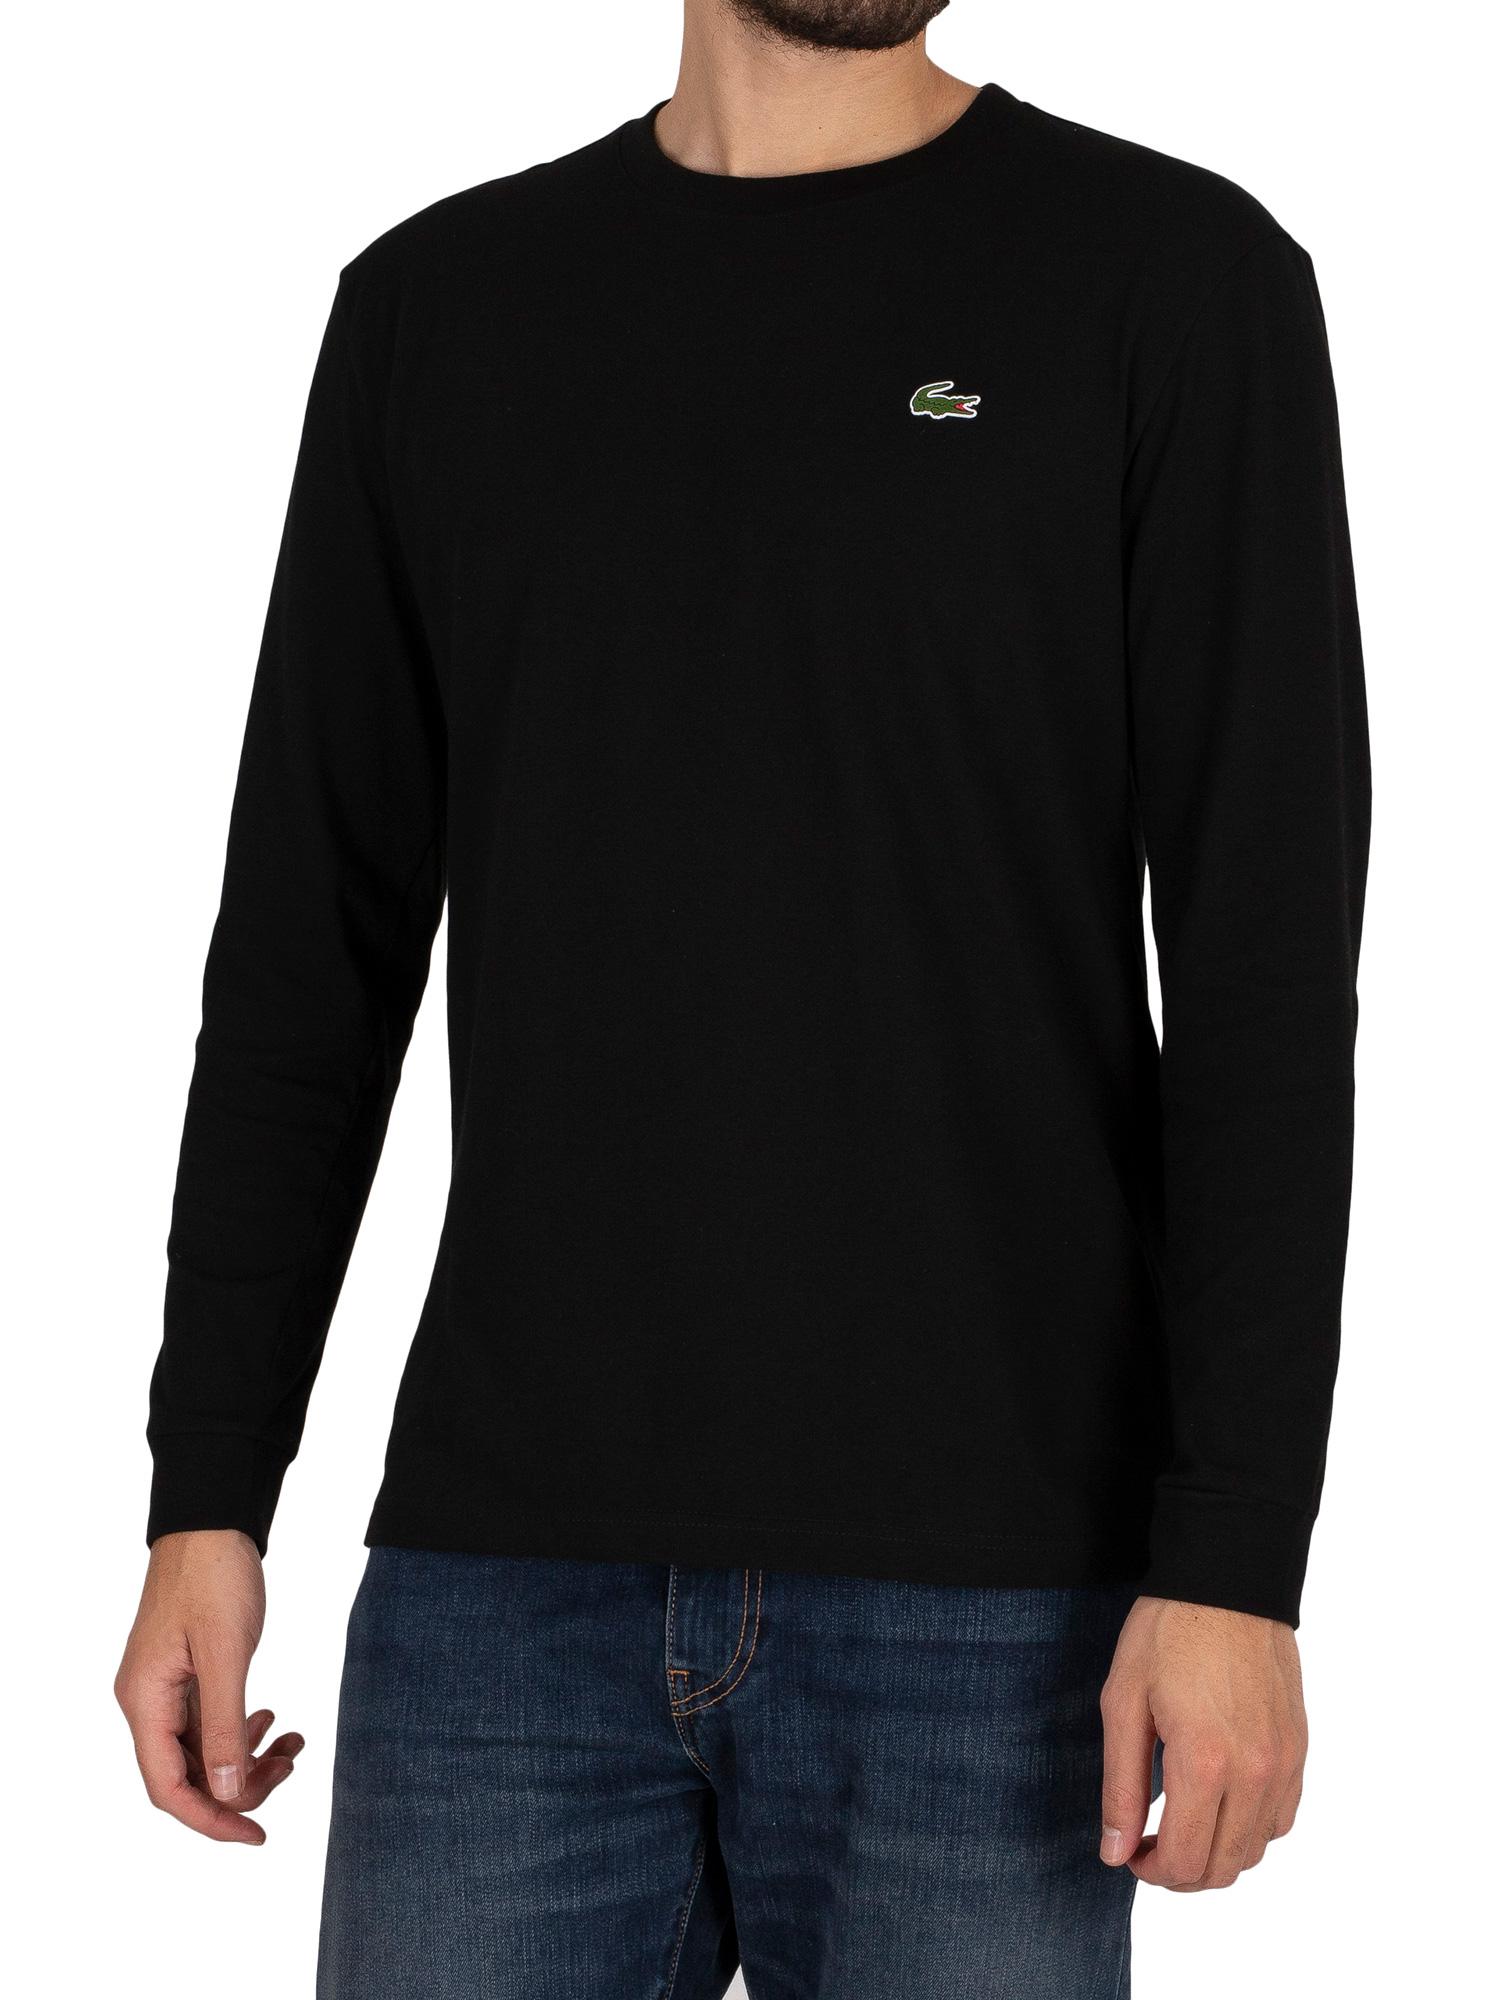 Sport Longsleeved Croc T-Shirt